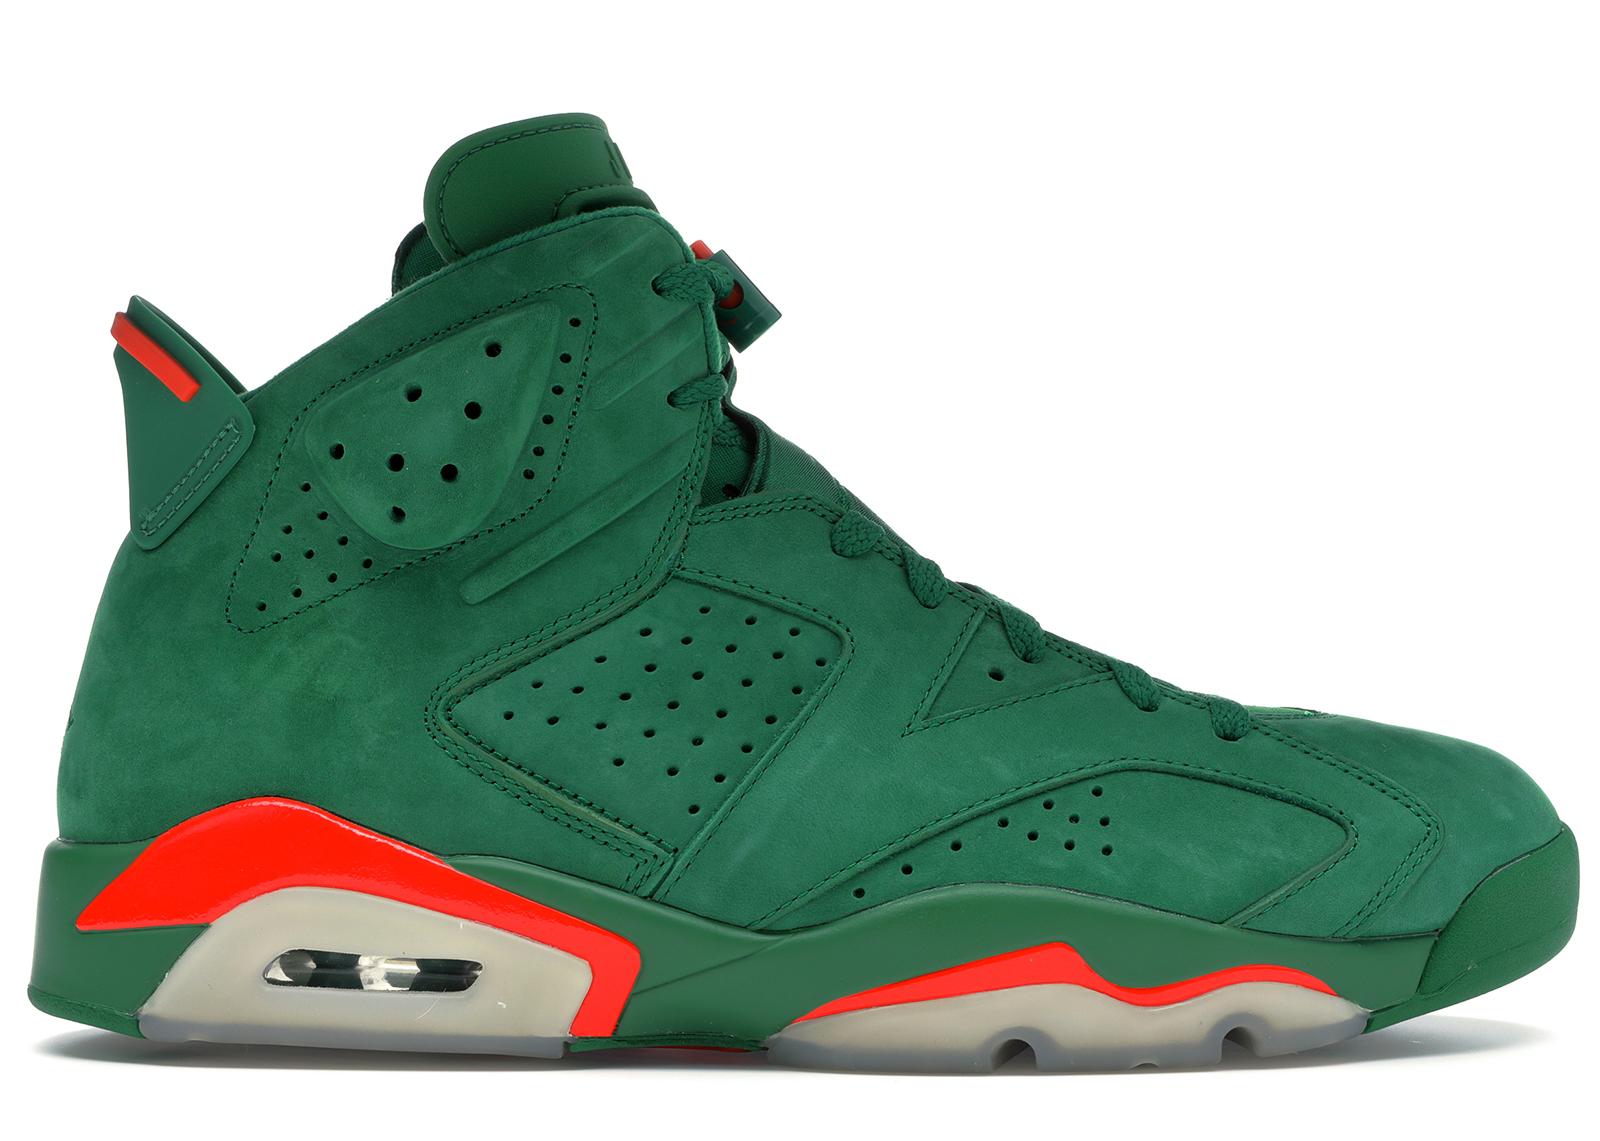 Jordan 6 Retro Gatorade Green - AJ5986-335